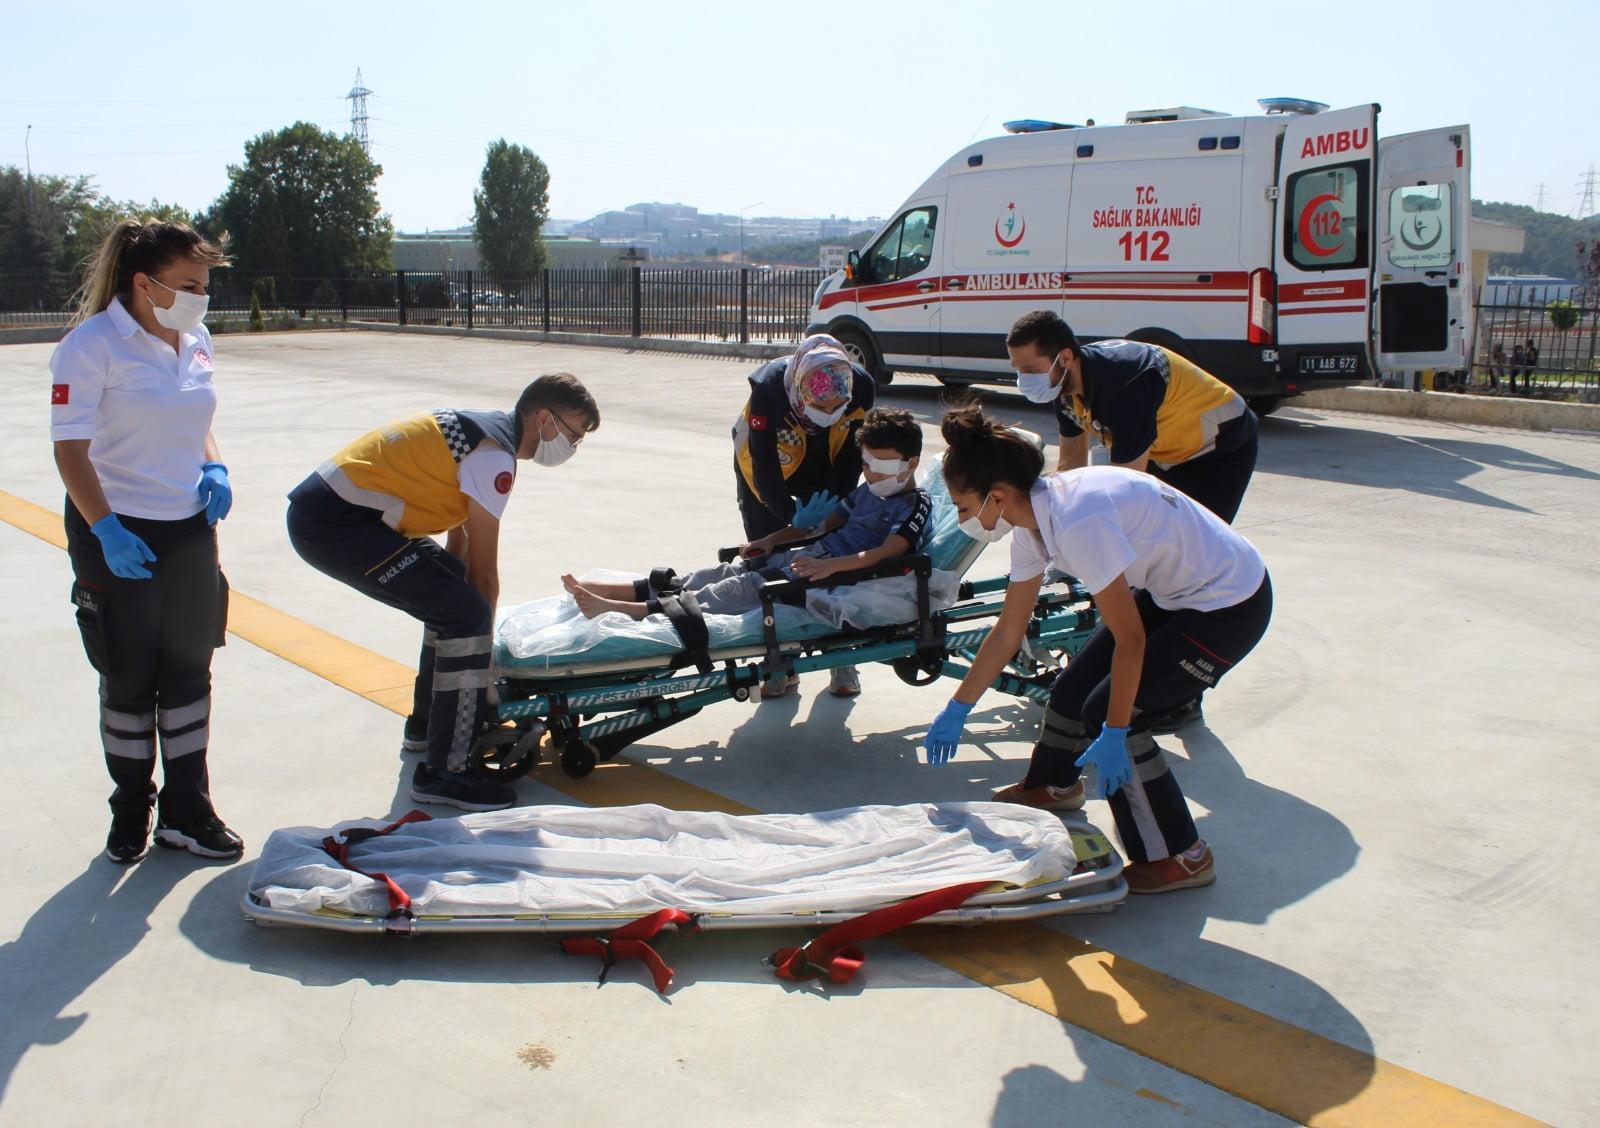 Bilecik'te Gozunden Yaralanan Cocuk Ambulans Helikoptere Tasiniyor (1)